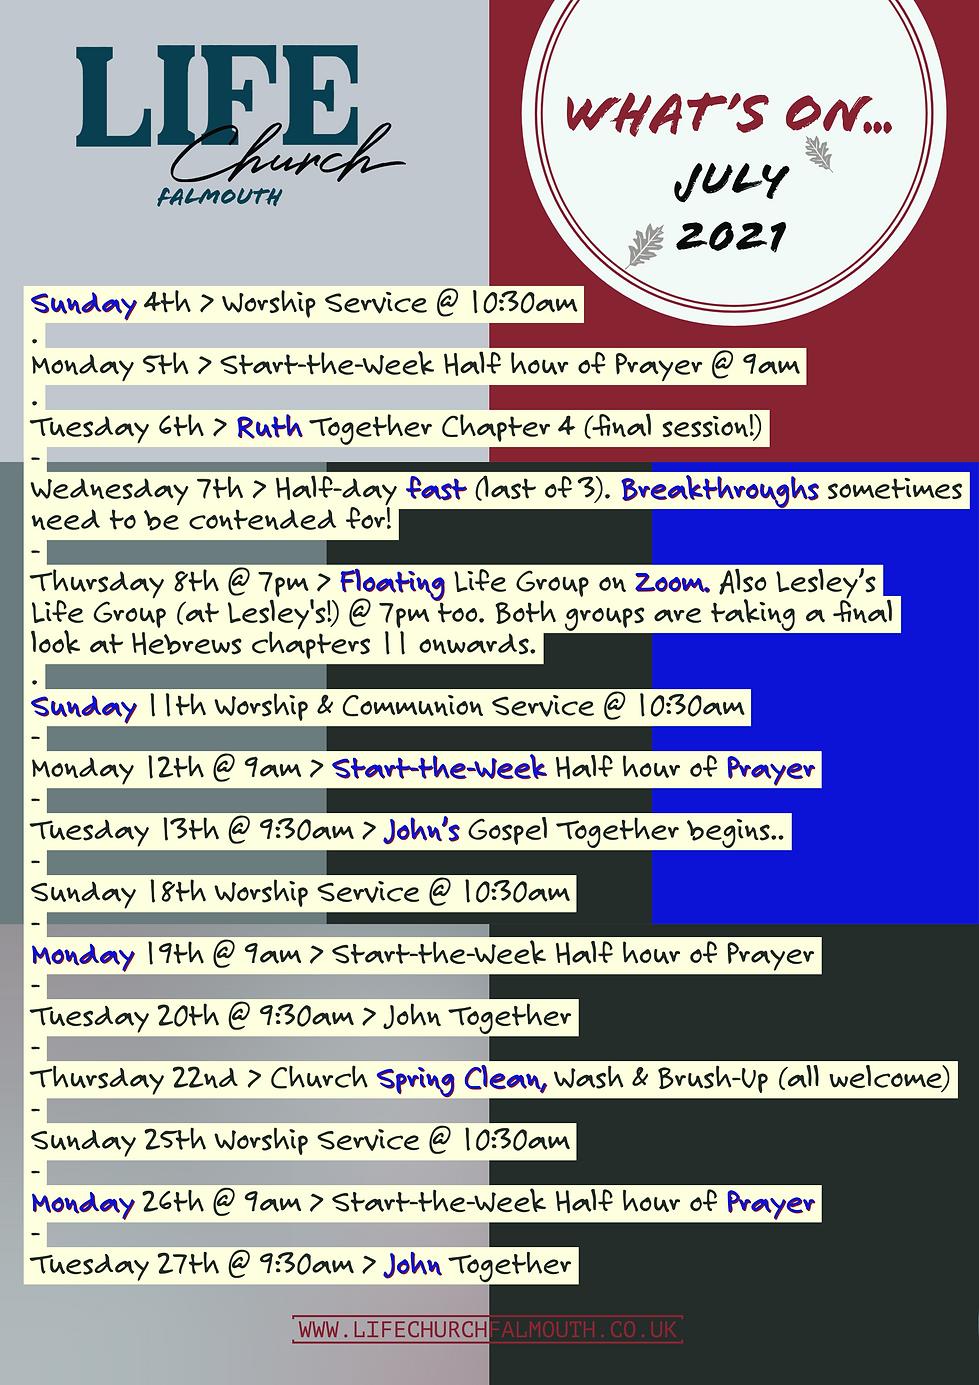 June 2021 Copy (1).png